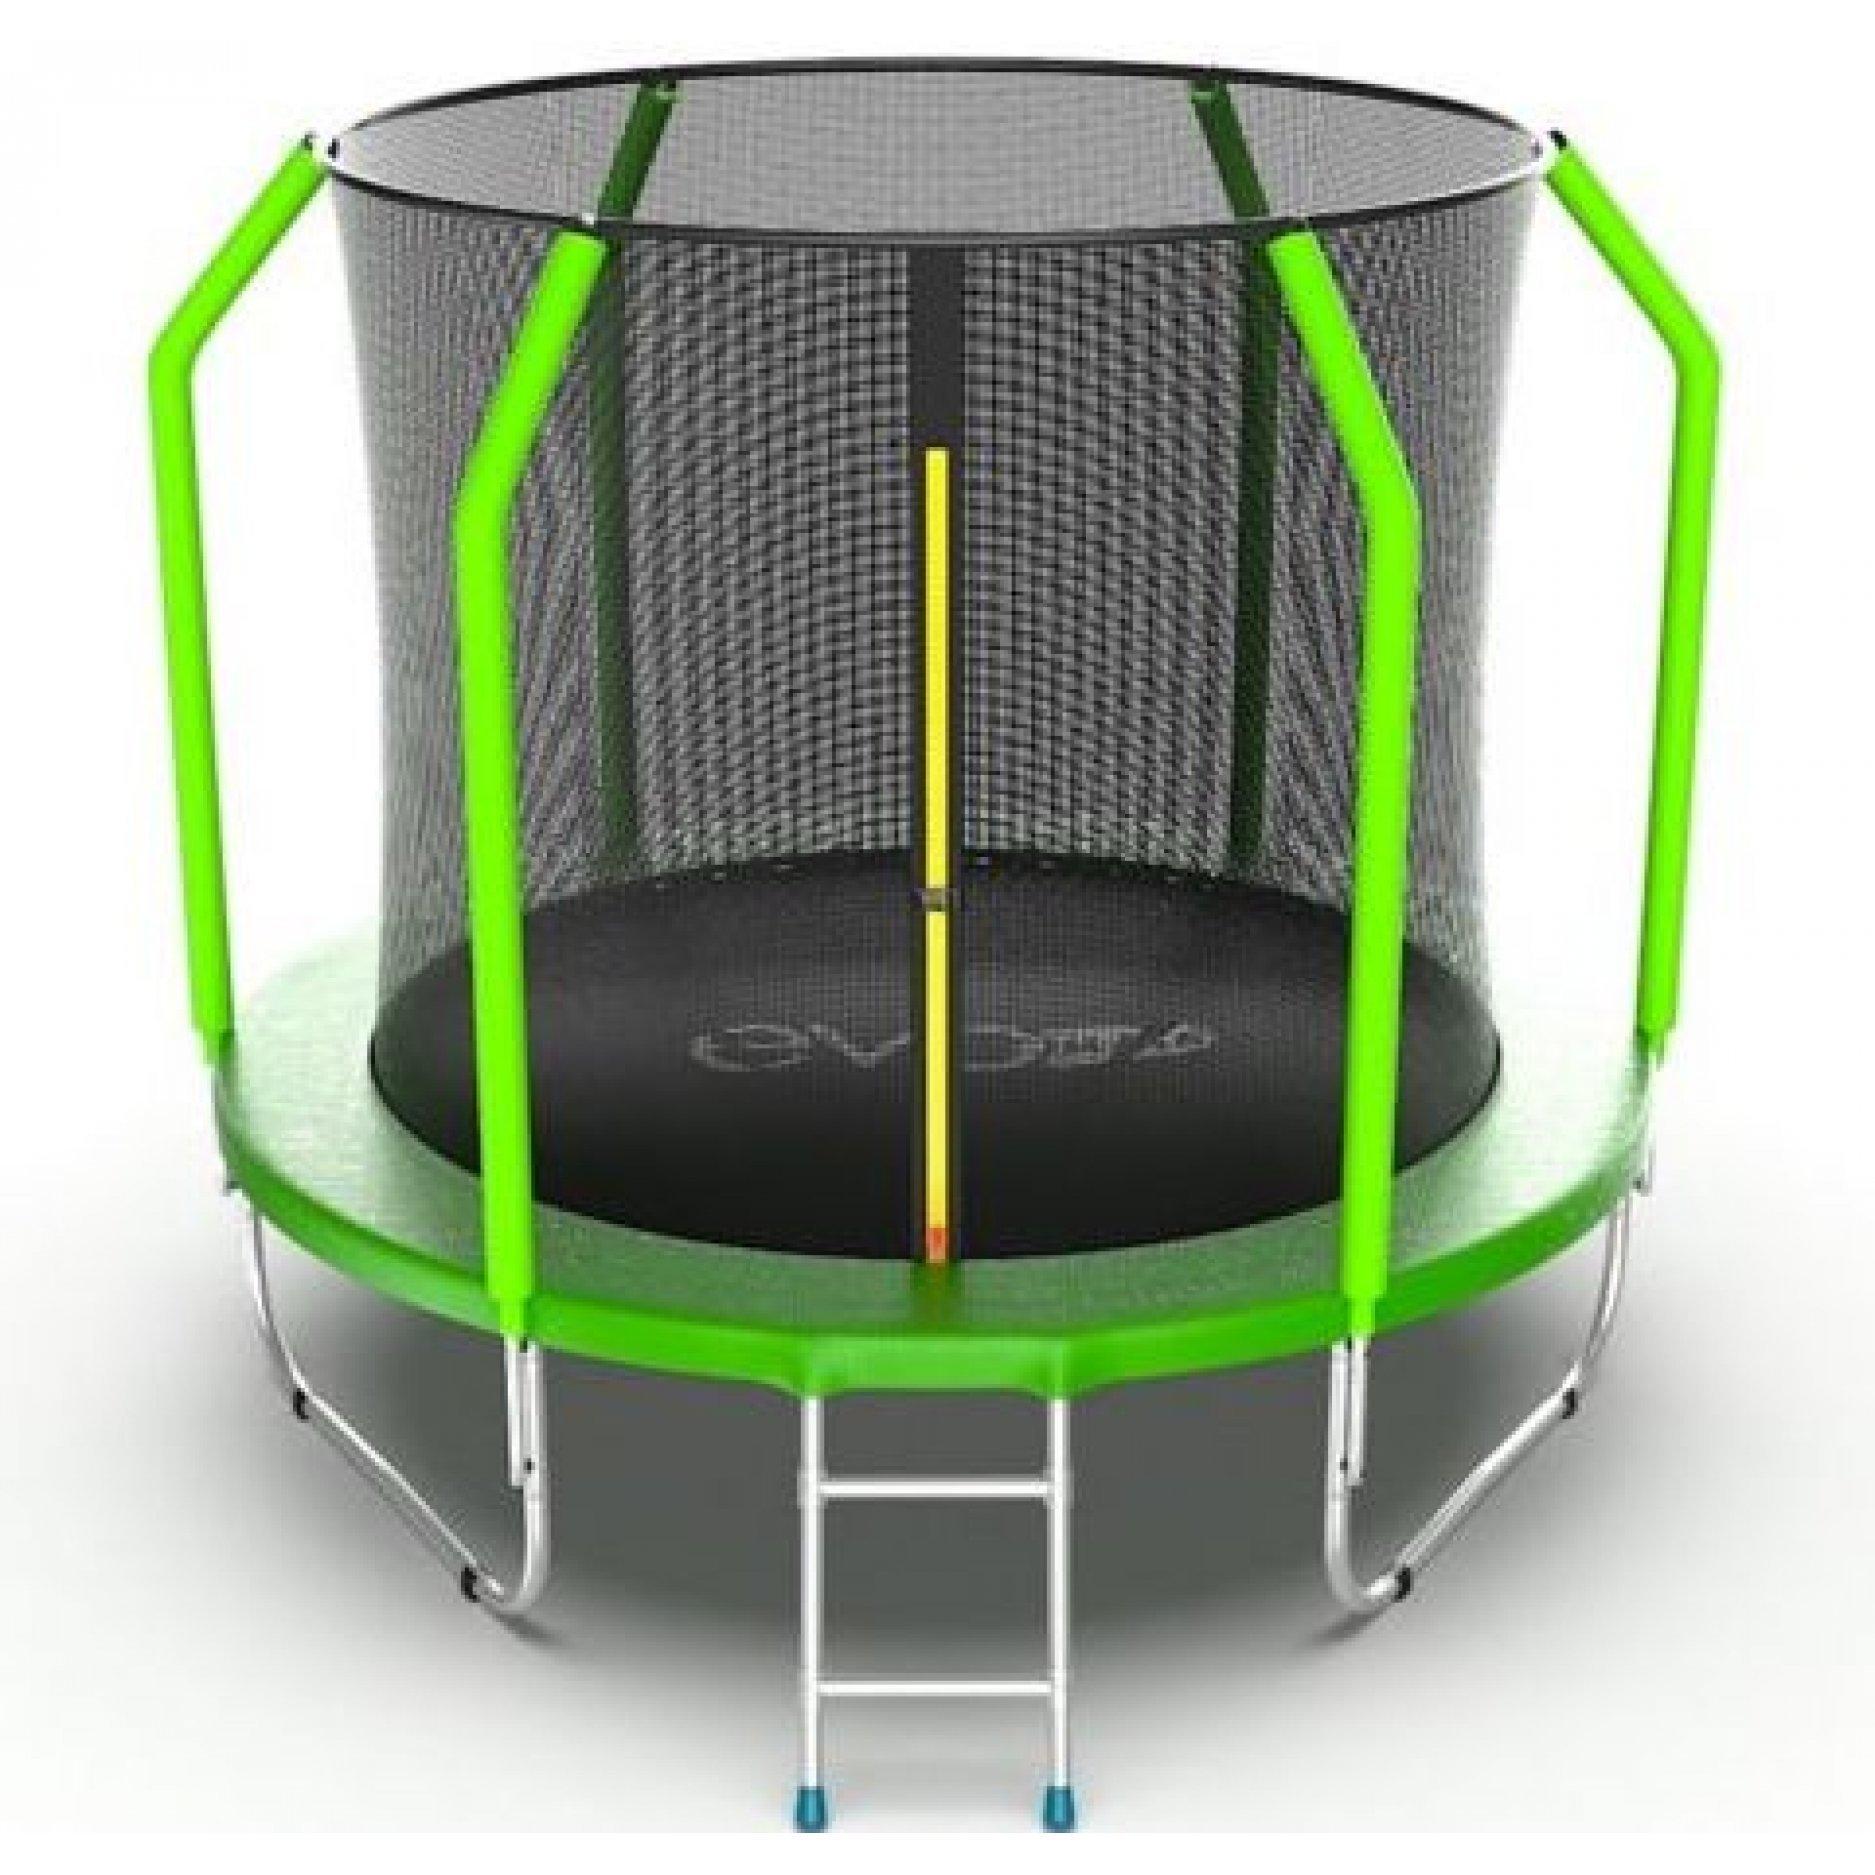 Батут EVO Jump Cosmo 8ft (Green) + Lower net. с внутренней сеткой и лестницей + нижняя сеть